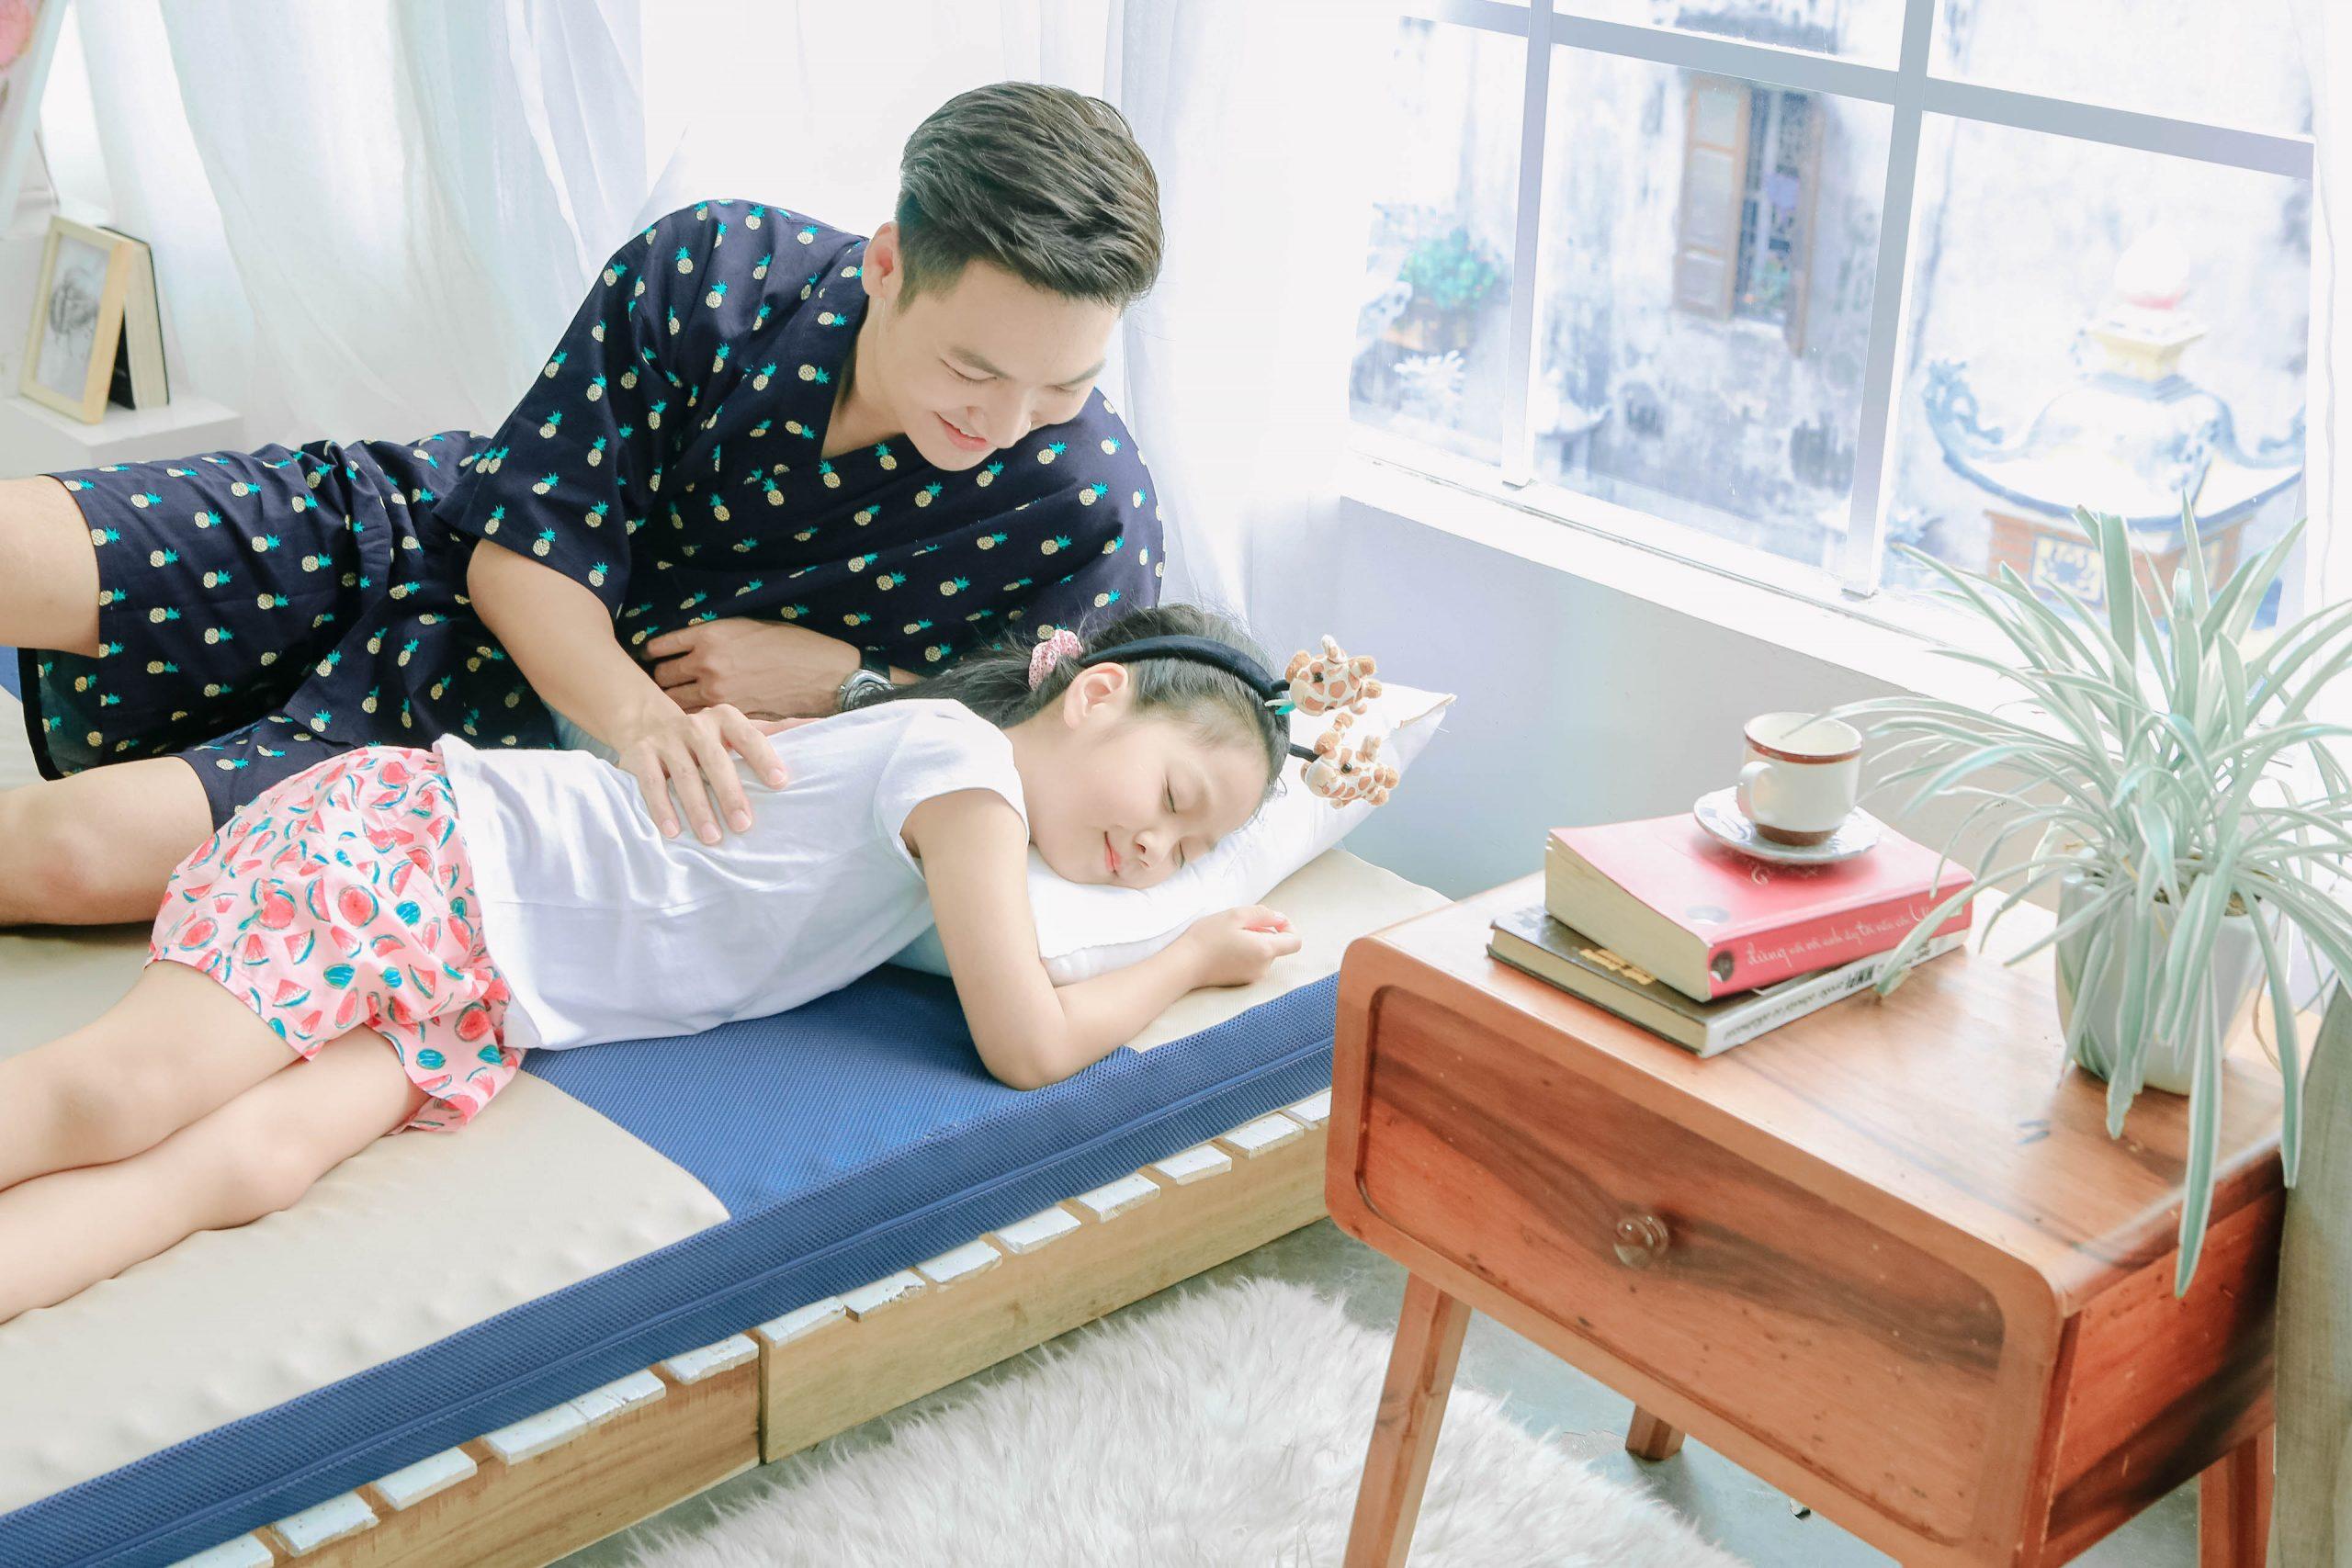 Nệm Foam Goodnight Massage Nhật Bản - cách chọn nệm mùa hè